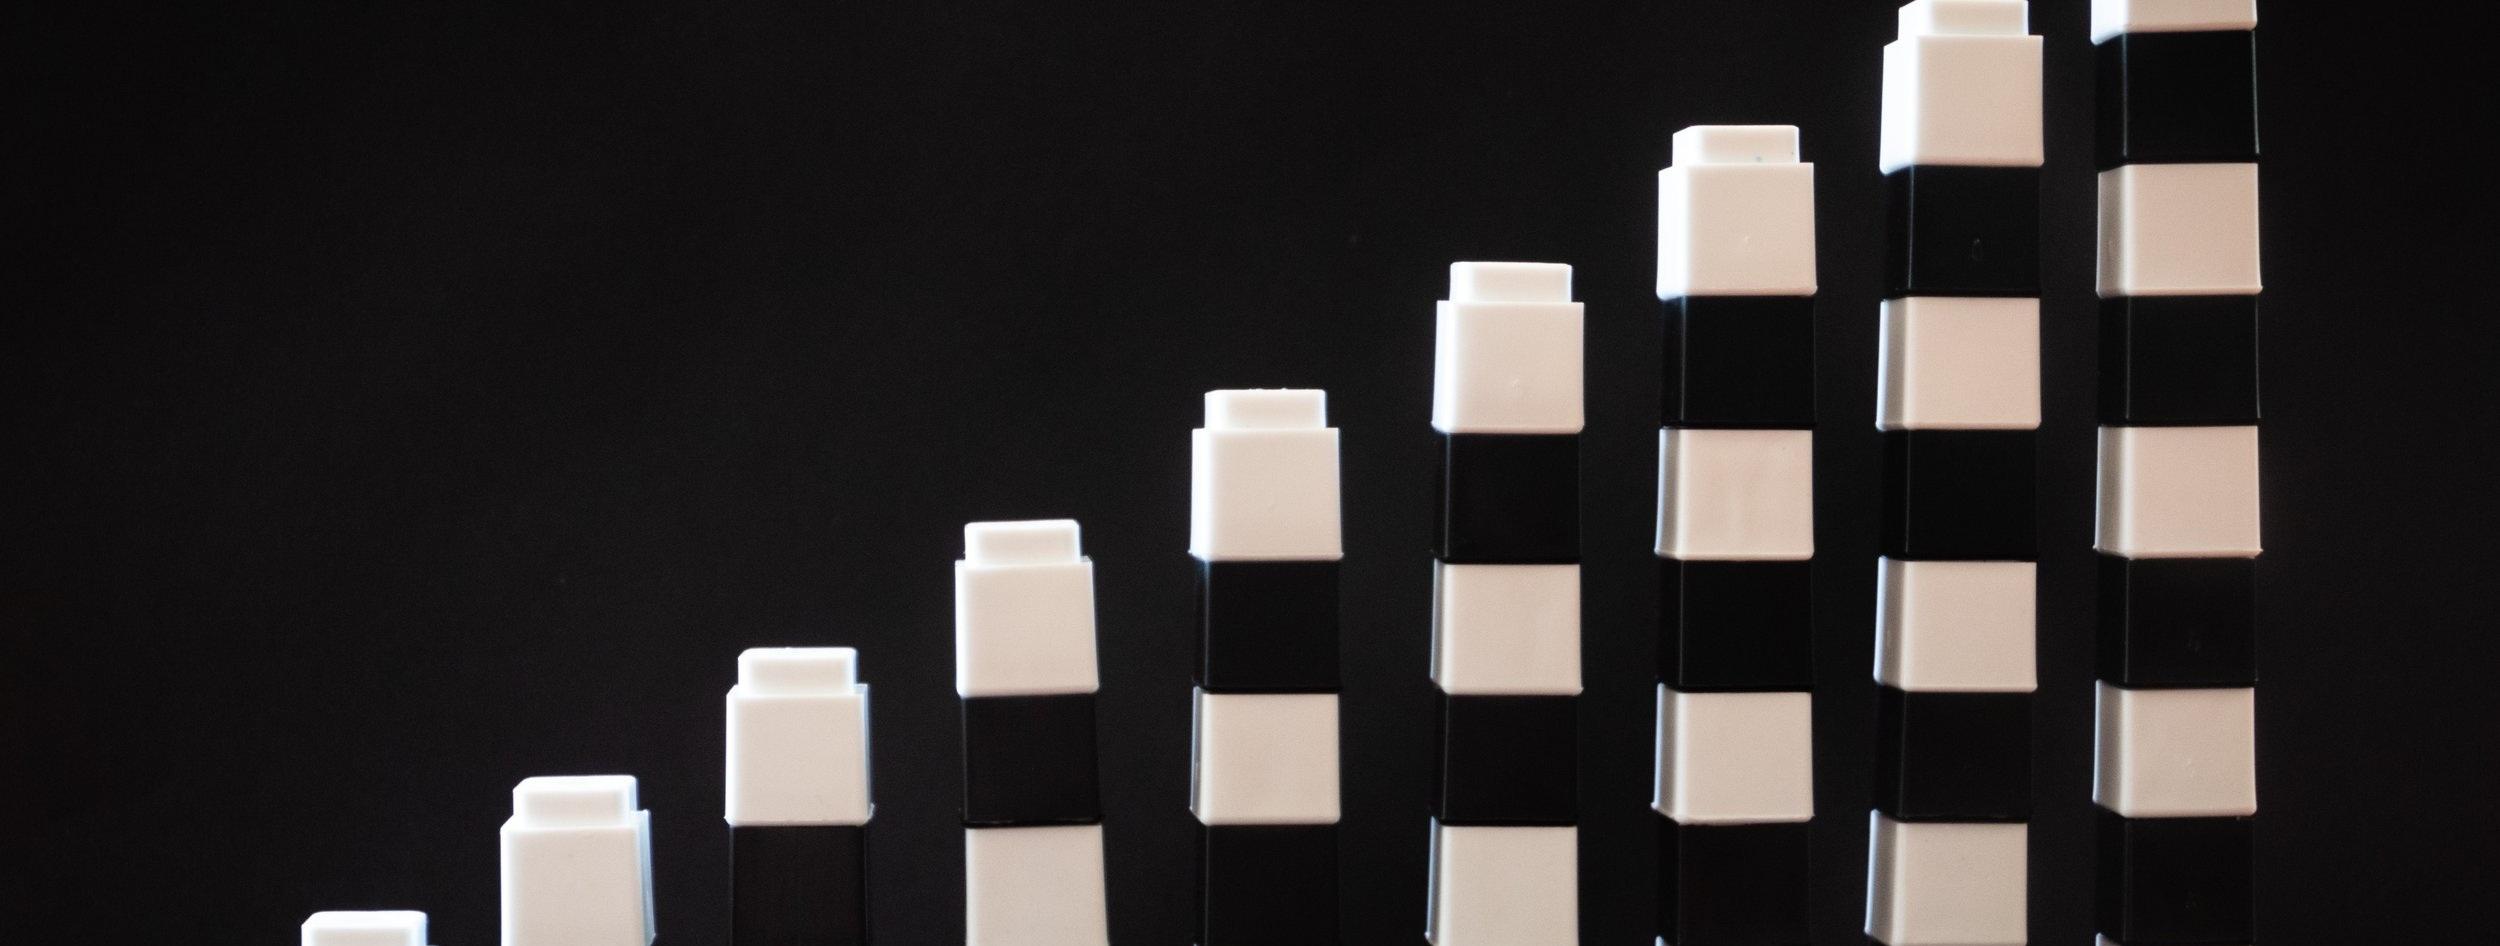 black-and-white-blocks-close-up-1329318.jpg